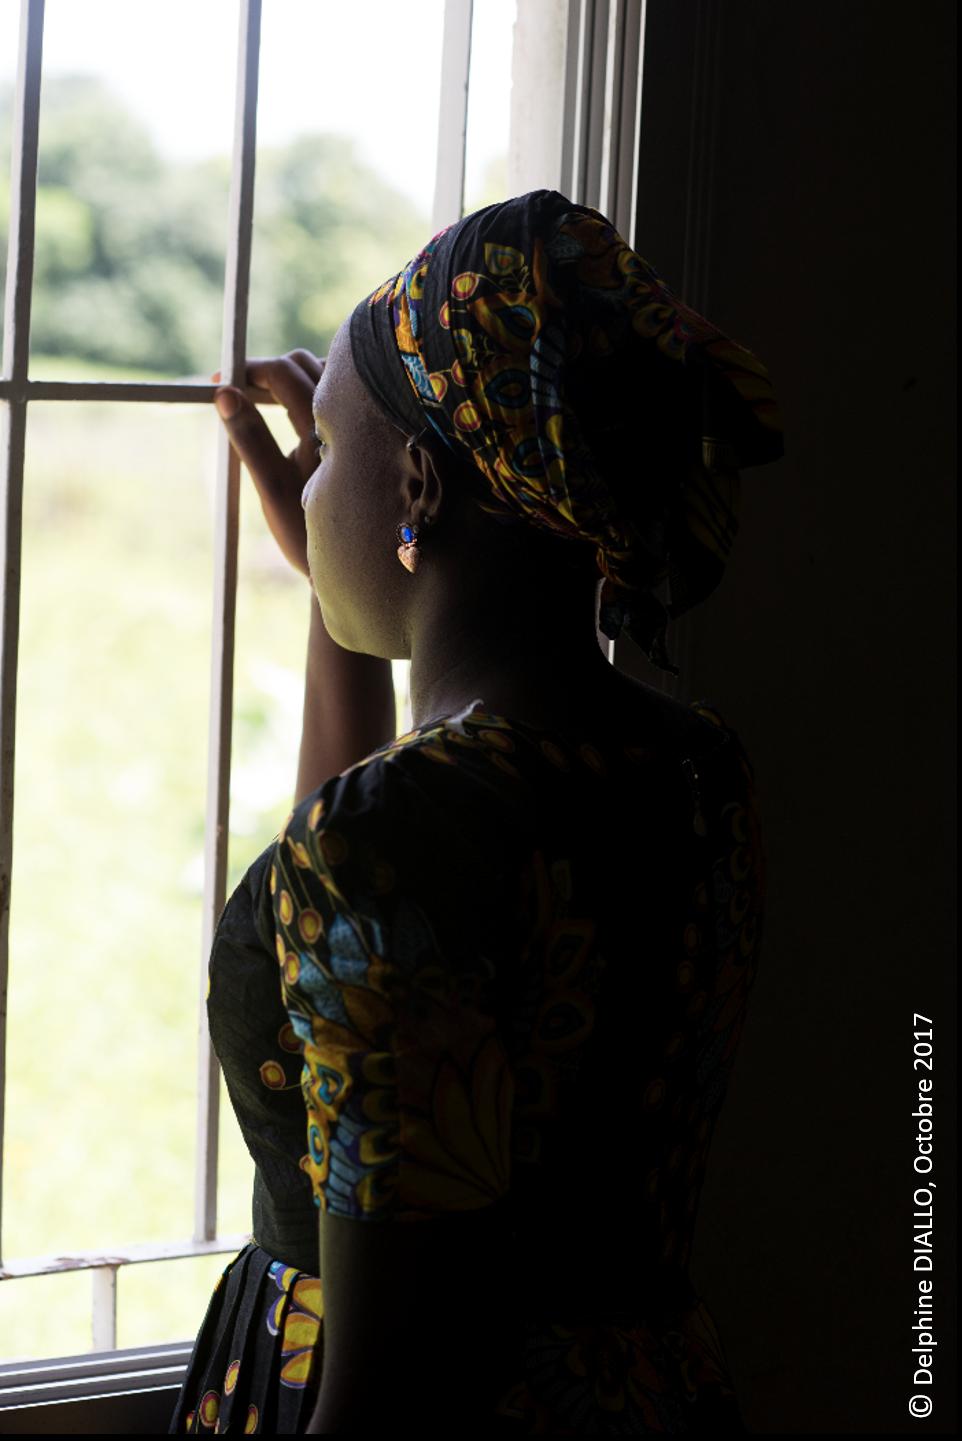 journ e internationale de la jeune fille save the children lance la campagne pour mettre fin. Black Bedroom Furniture Sets. Home Design Ideas